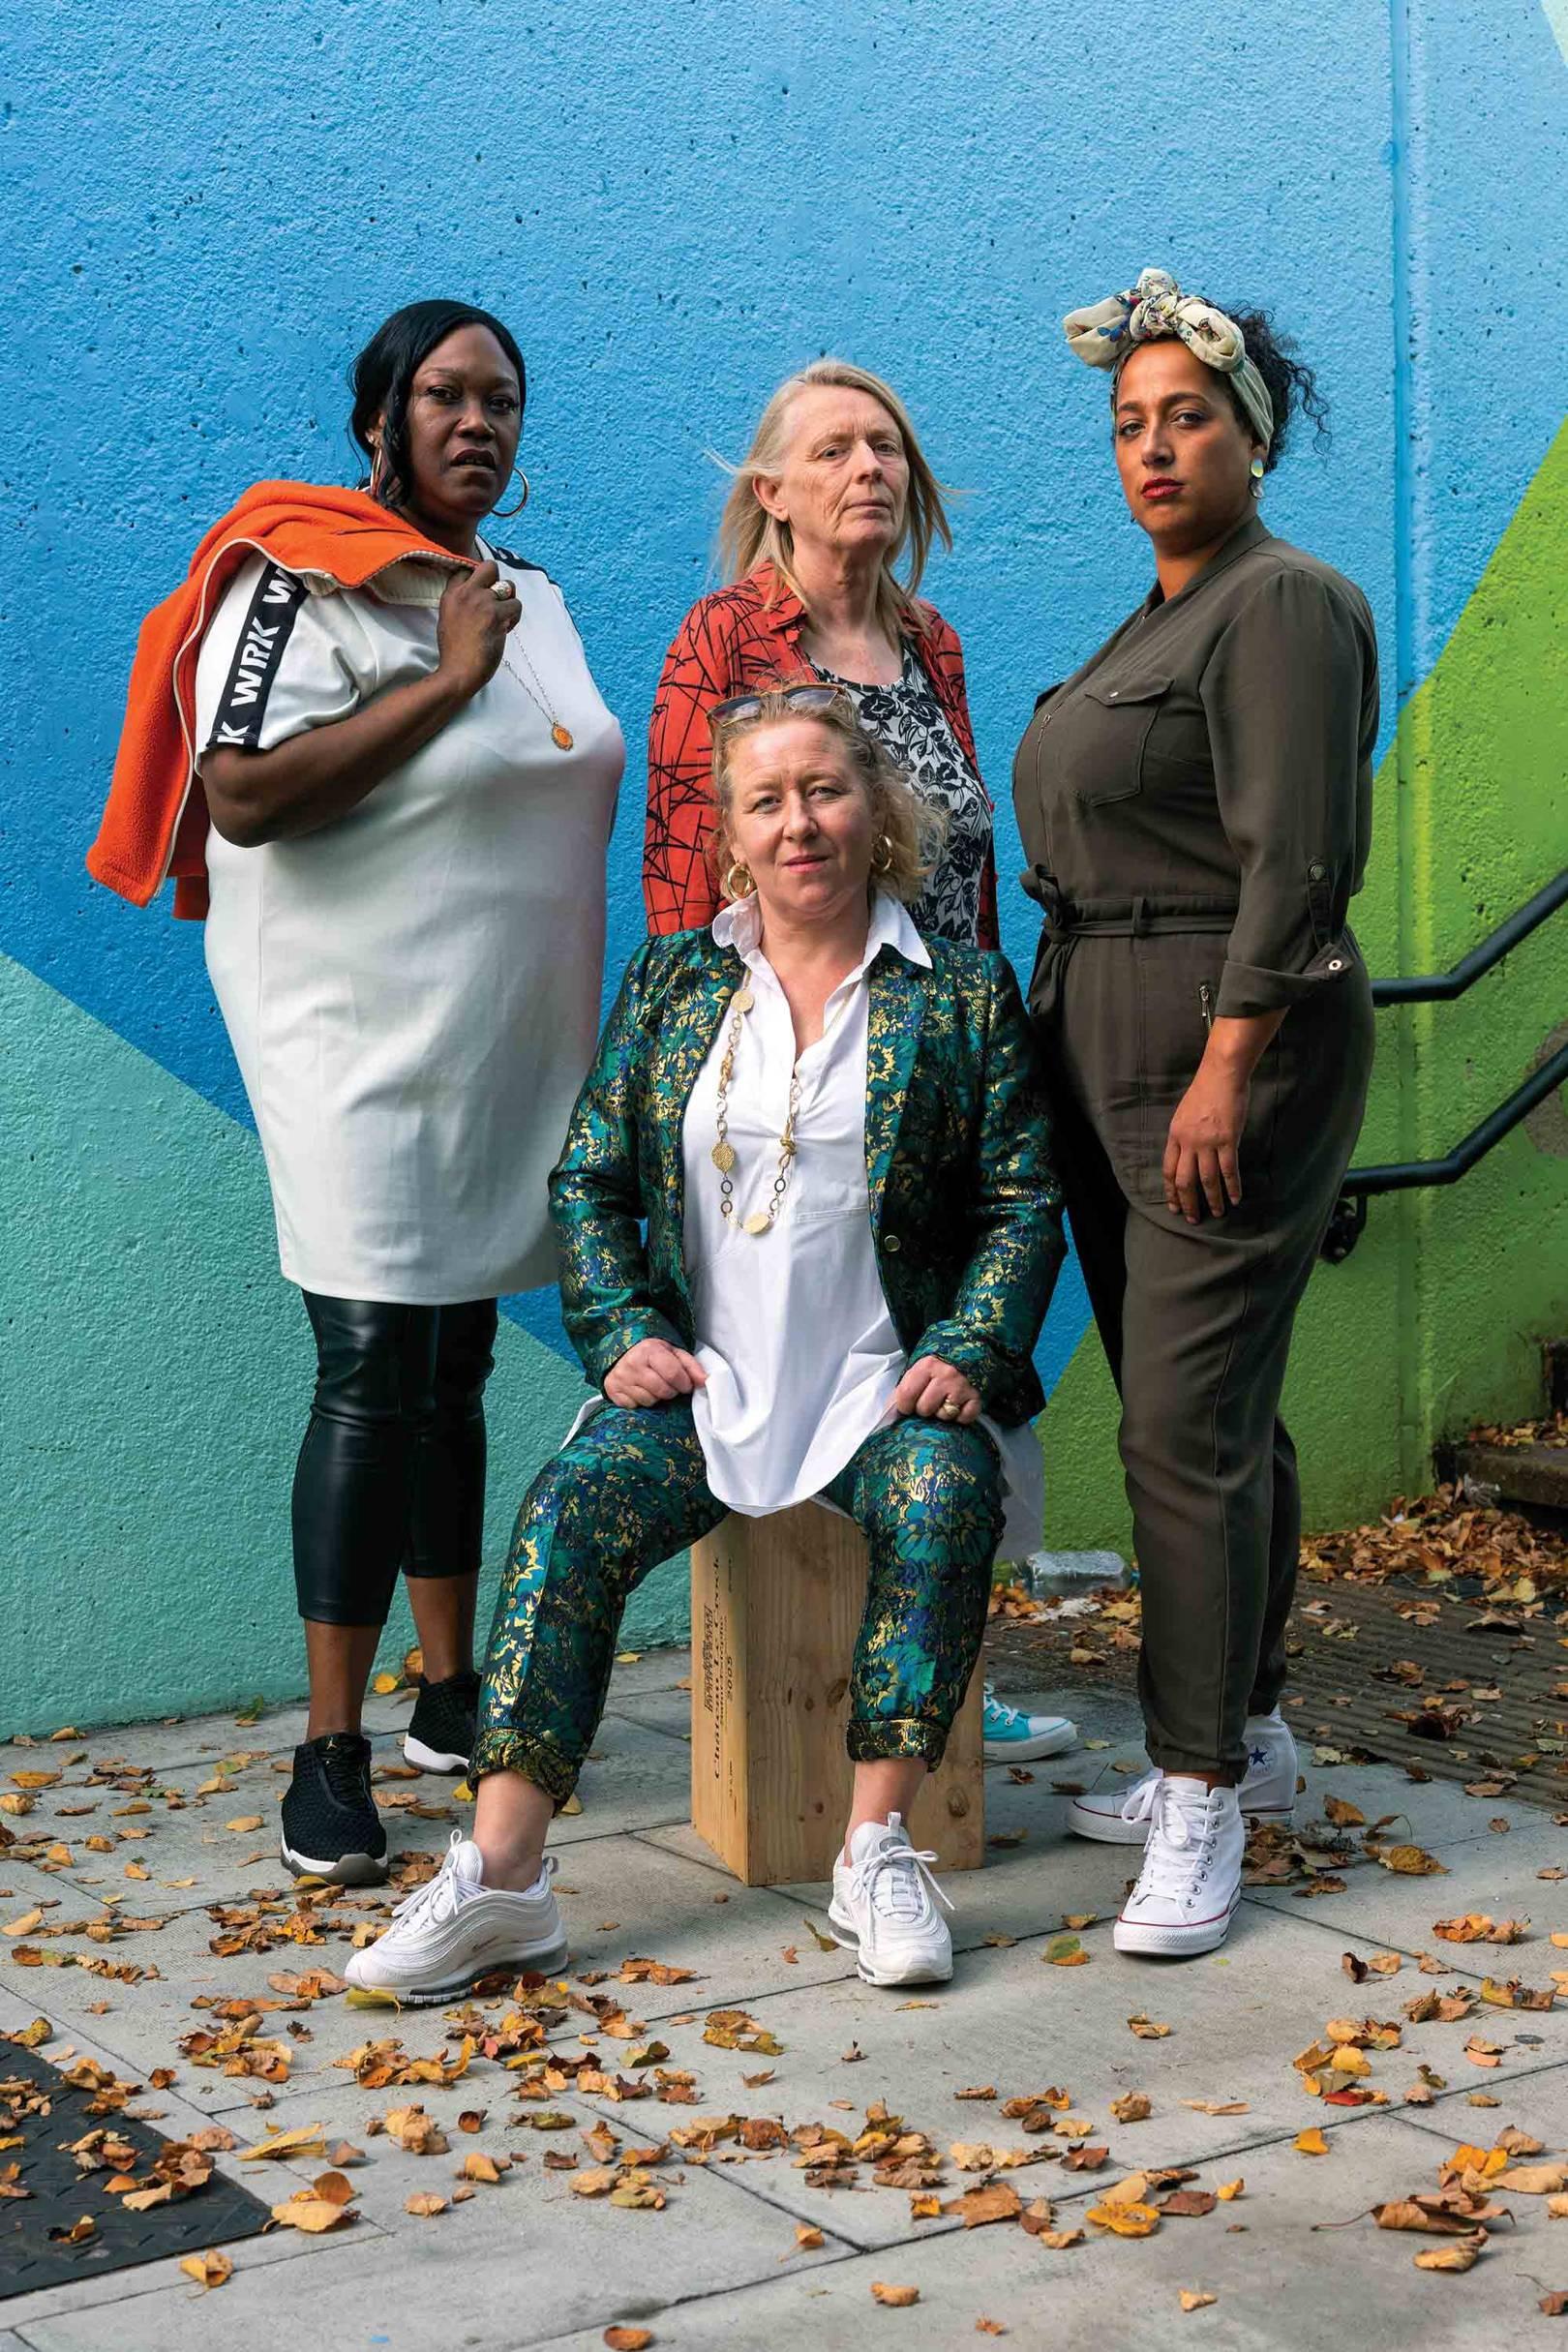 Olive Hasbrouck,Ashishma Nakarmi Hot archive Roberta Gemma,Jill Gascoine (born 1937)